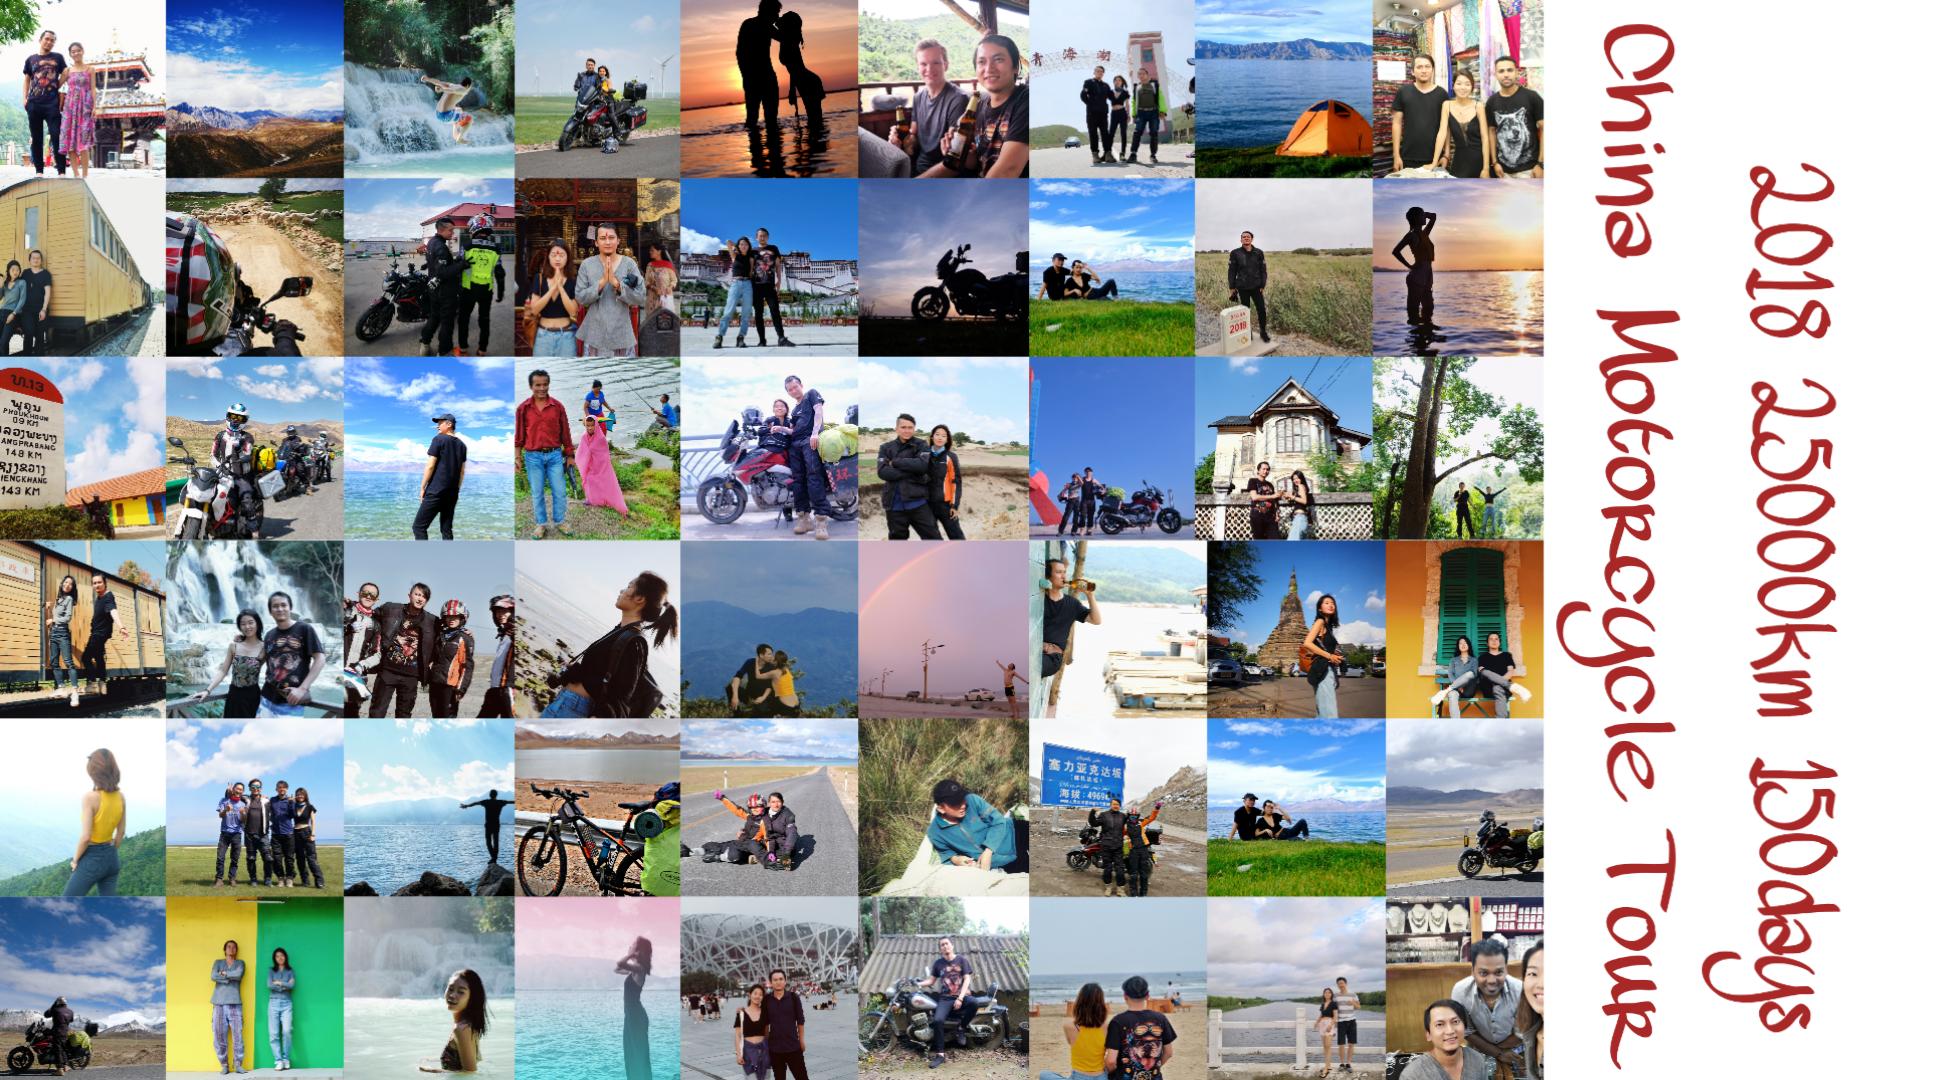 和喜欢的人一起环游中国丨150天 25000公里 情侣机车公路旅行全记录_游记